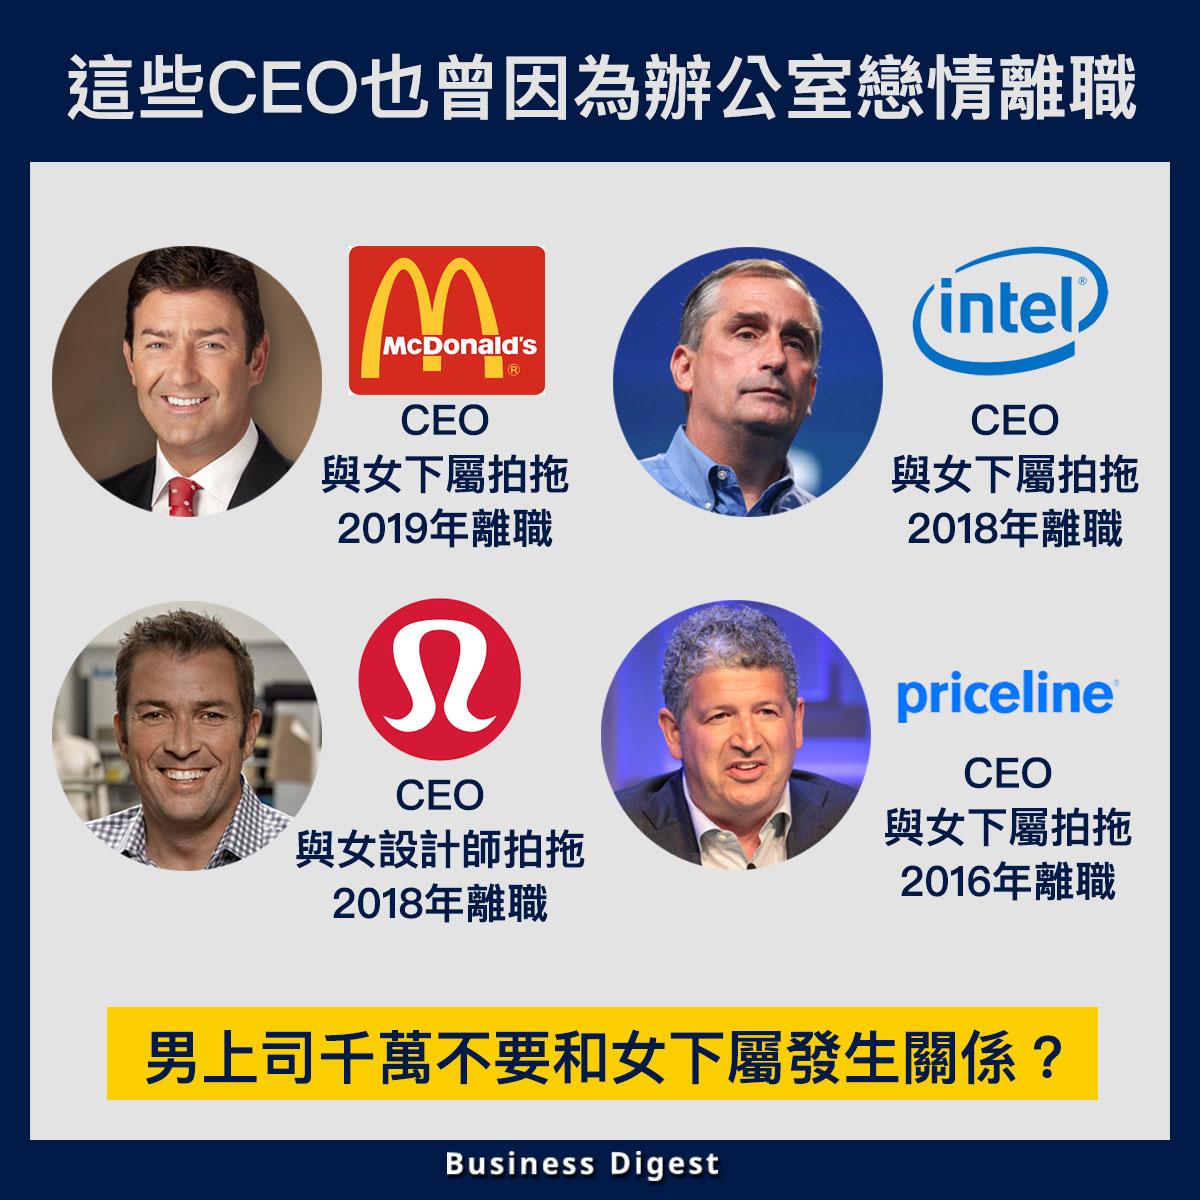 【商業熱話】這些CEO也曾因為辦公室戀情離職